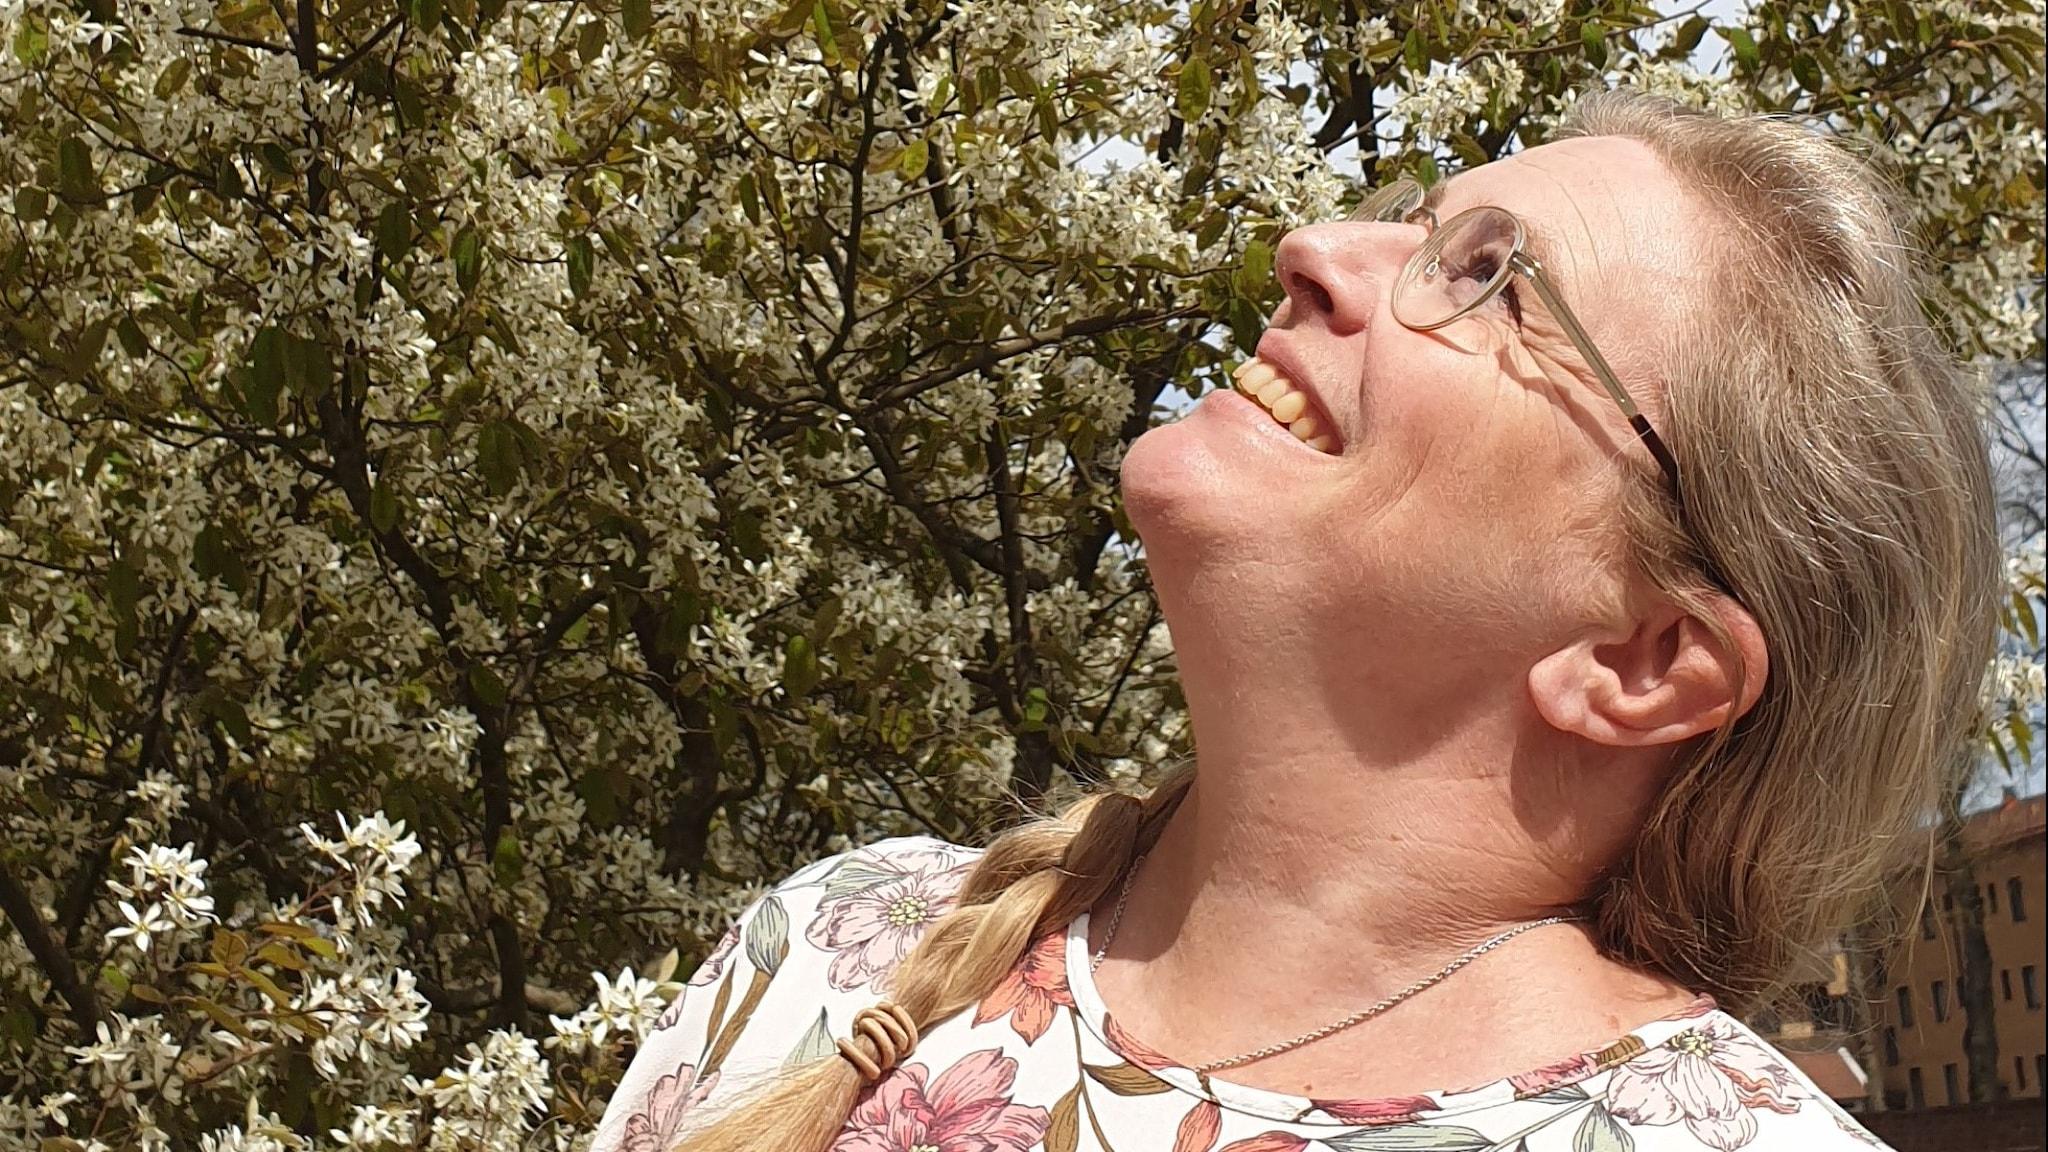 Pernilla Eskilsdotter till höger i bild, blickar snett upp mot himlen till vänster. I bakgrunden en buske med vita blommor. Solen skiner och Pernilla har e blommig tröja.